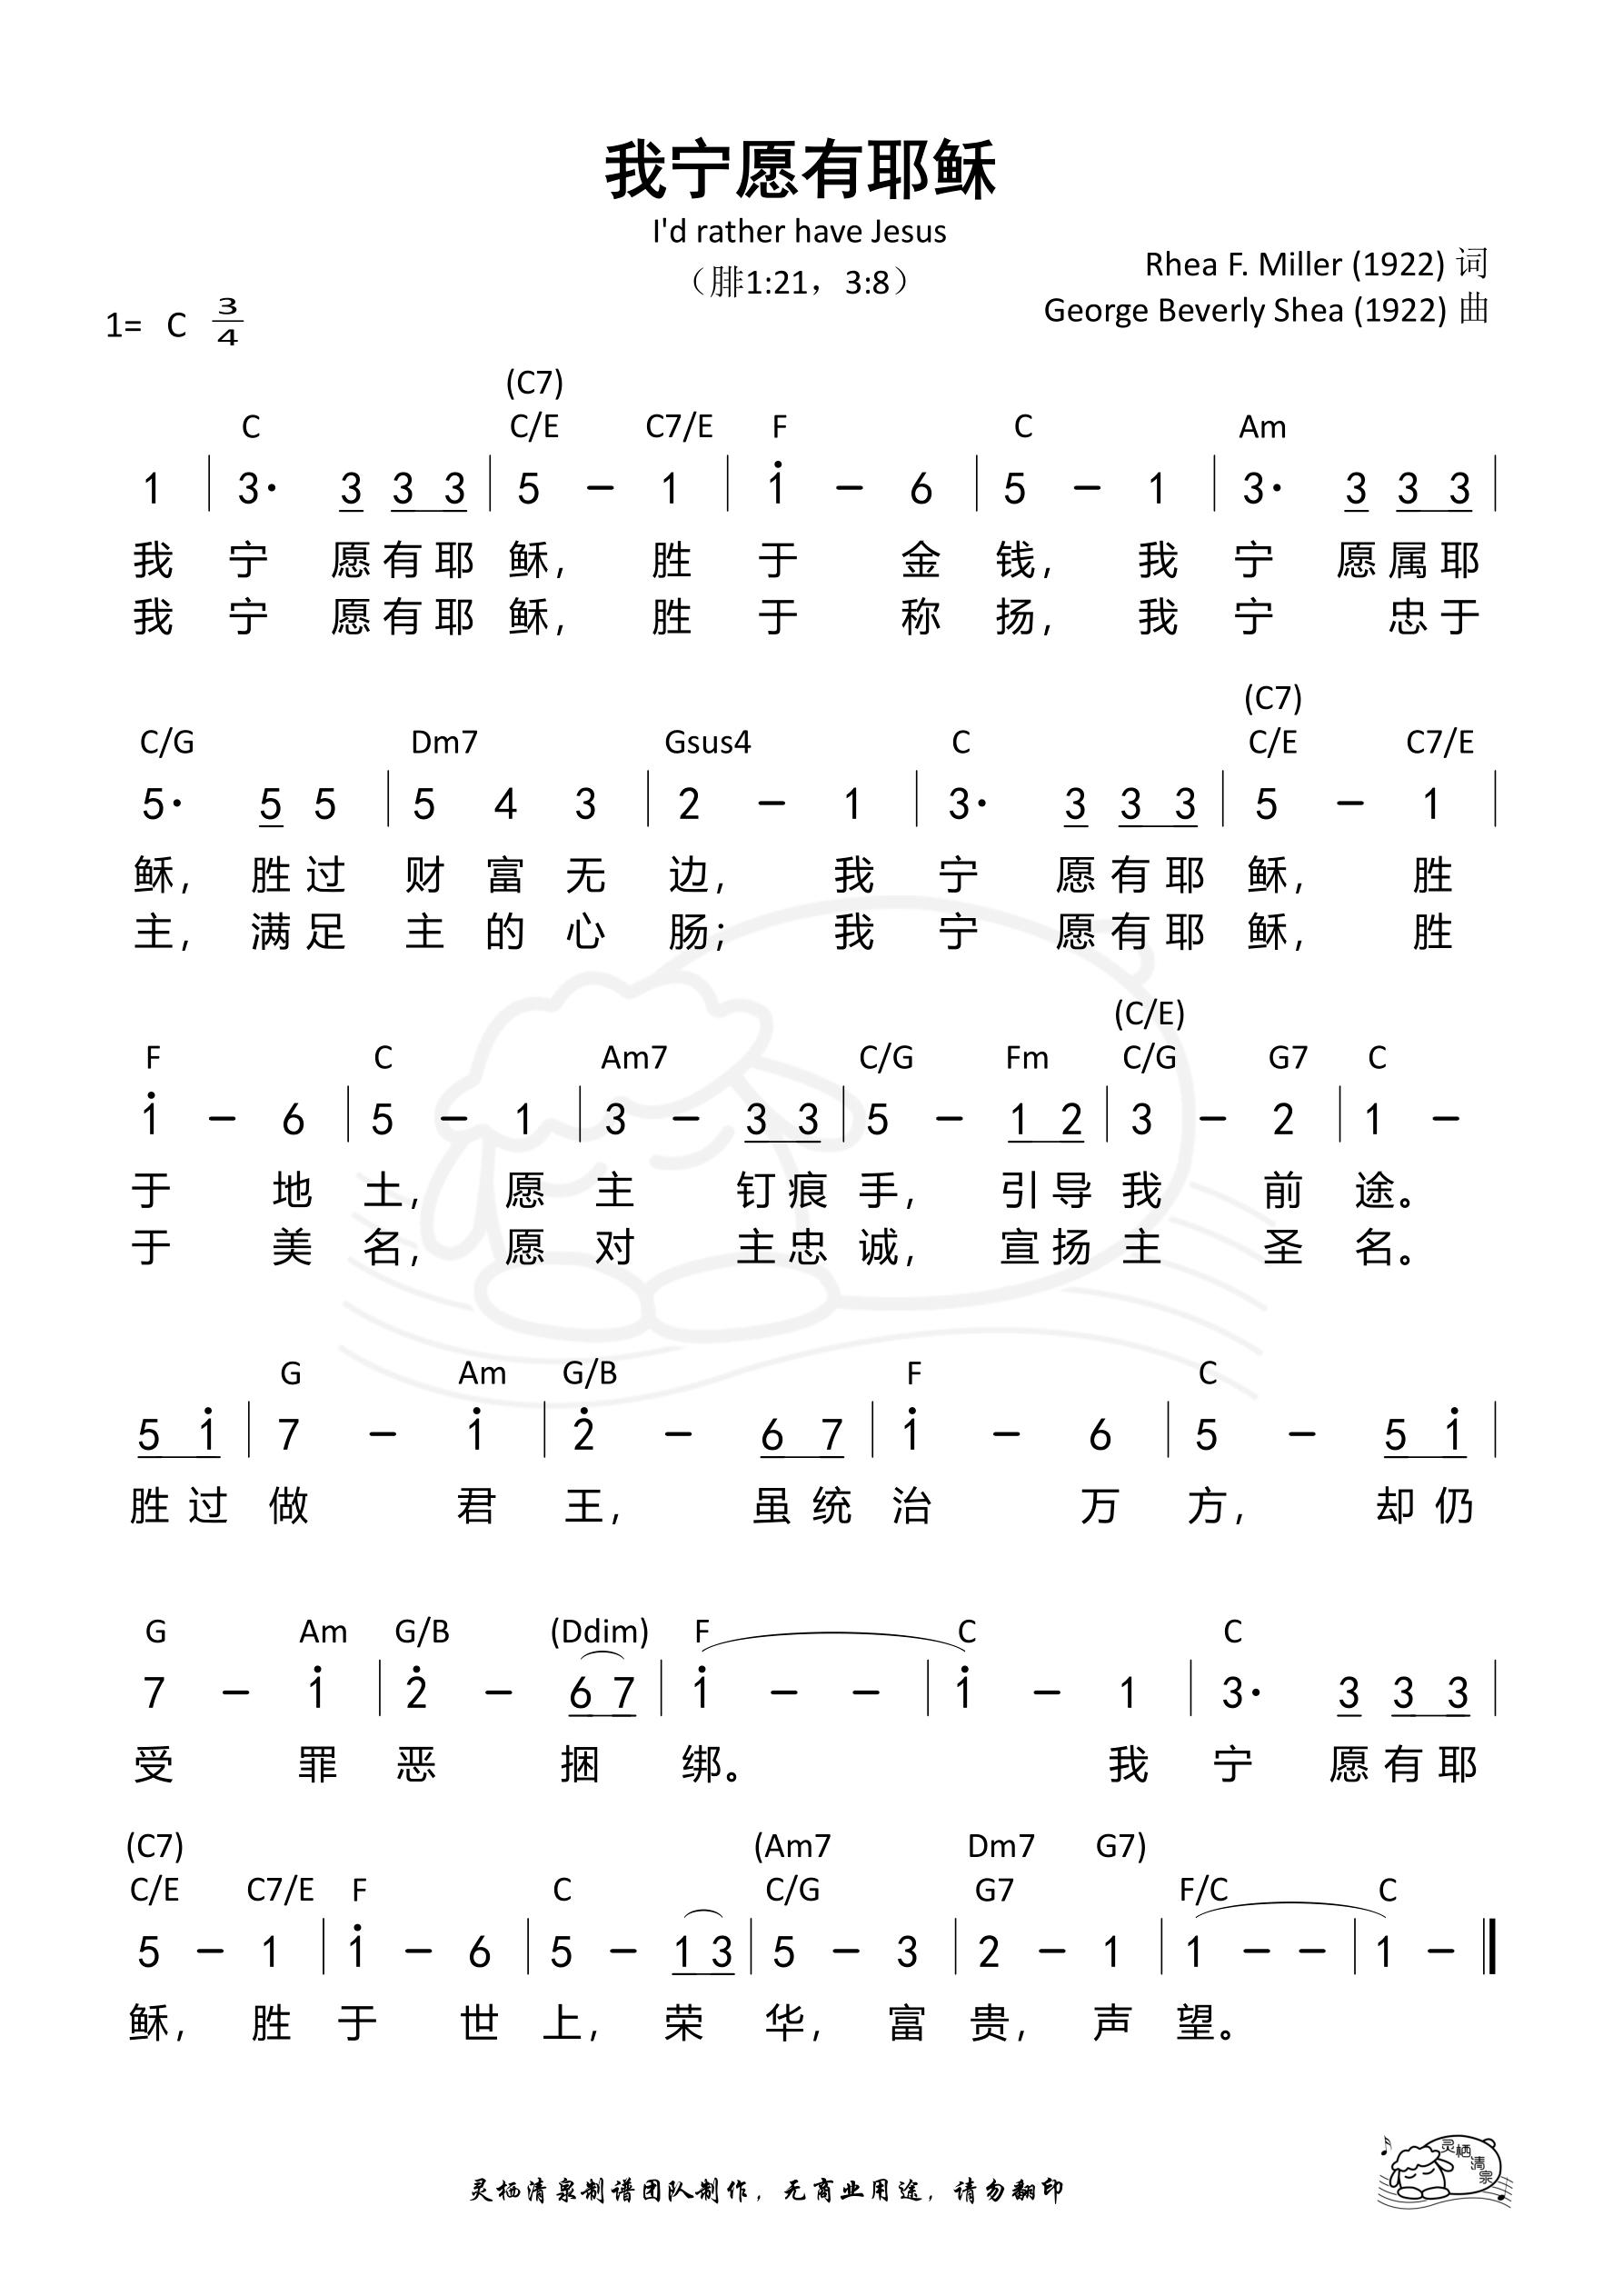 《第128首 - 我宁愿有耶稣 和弦简谱》